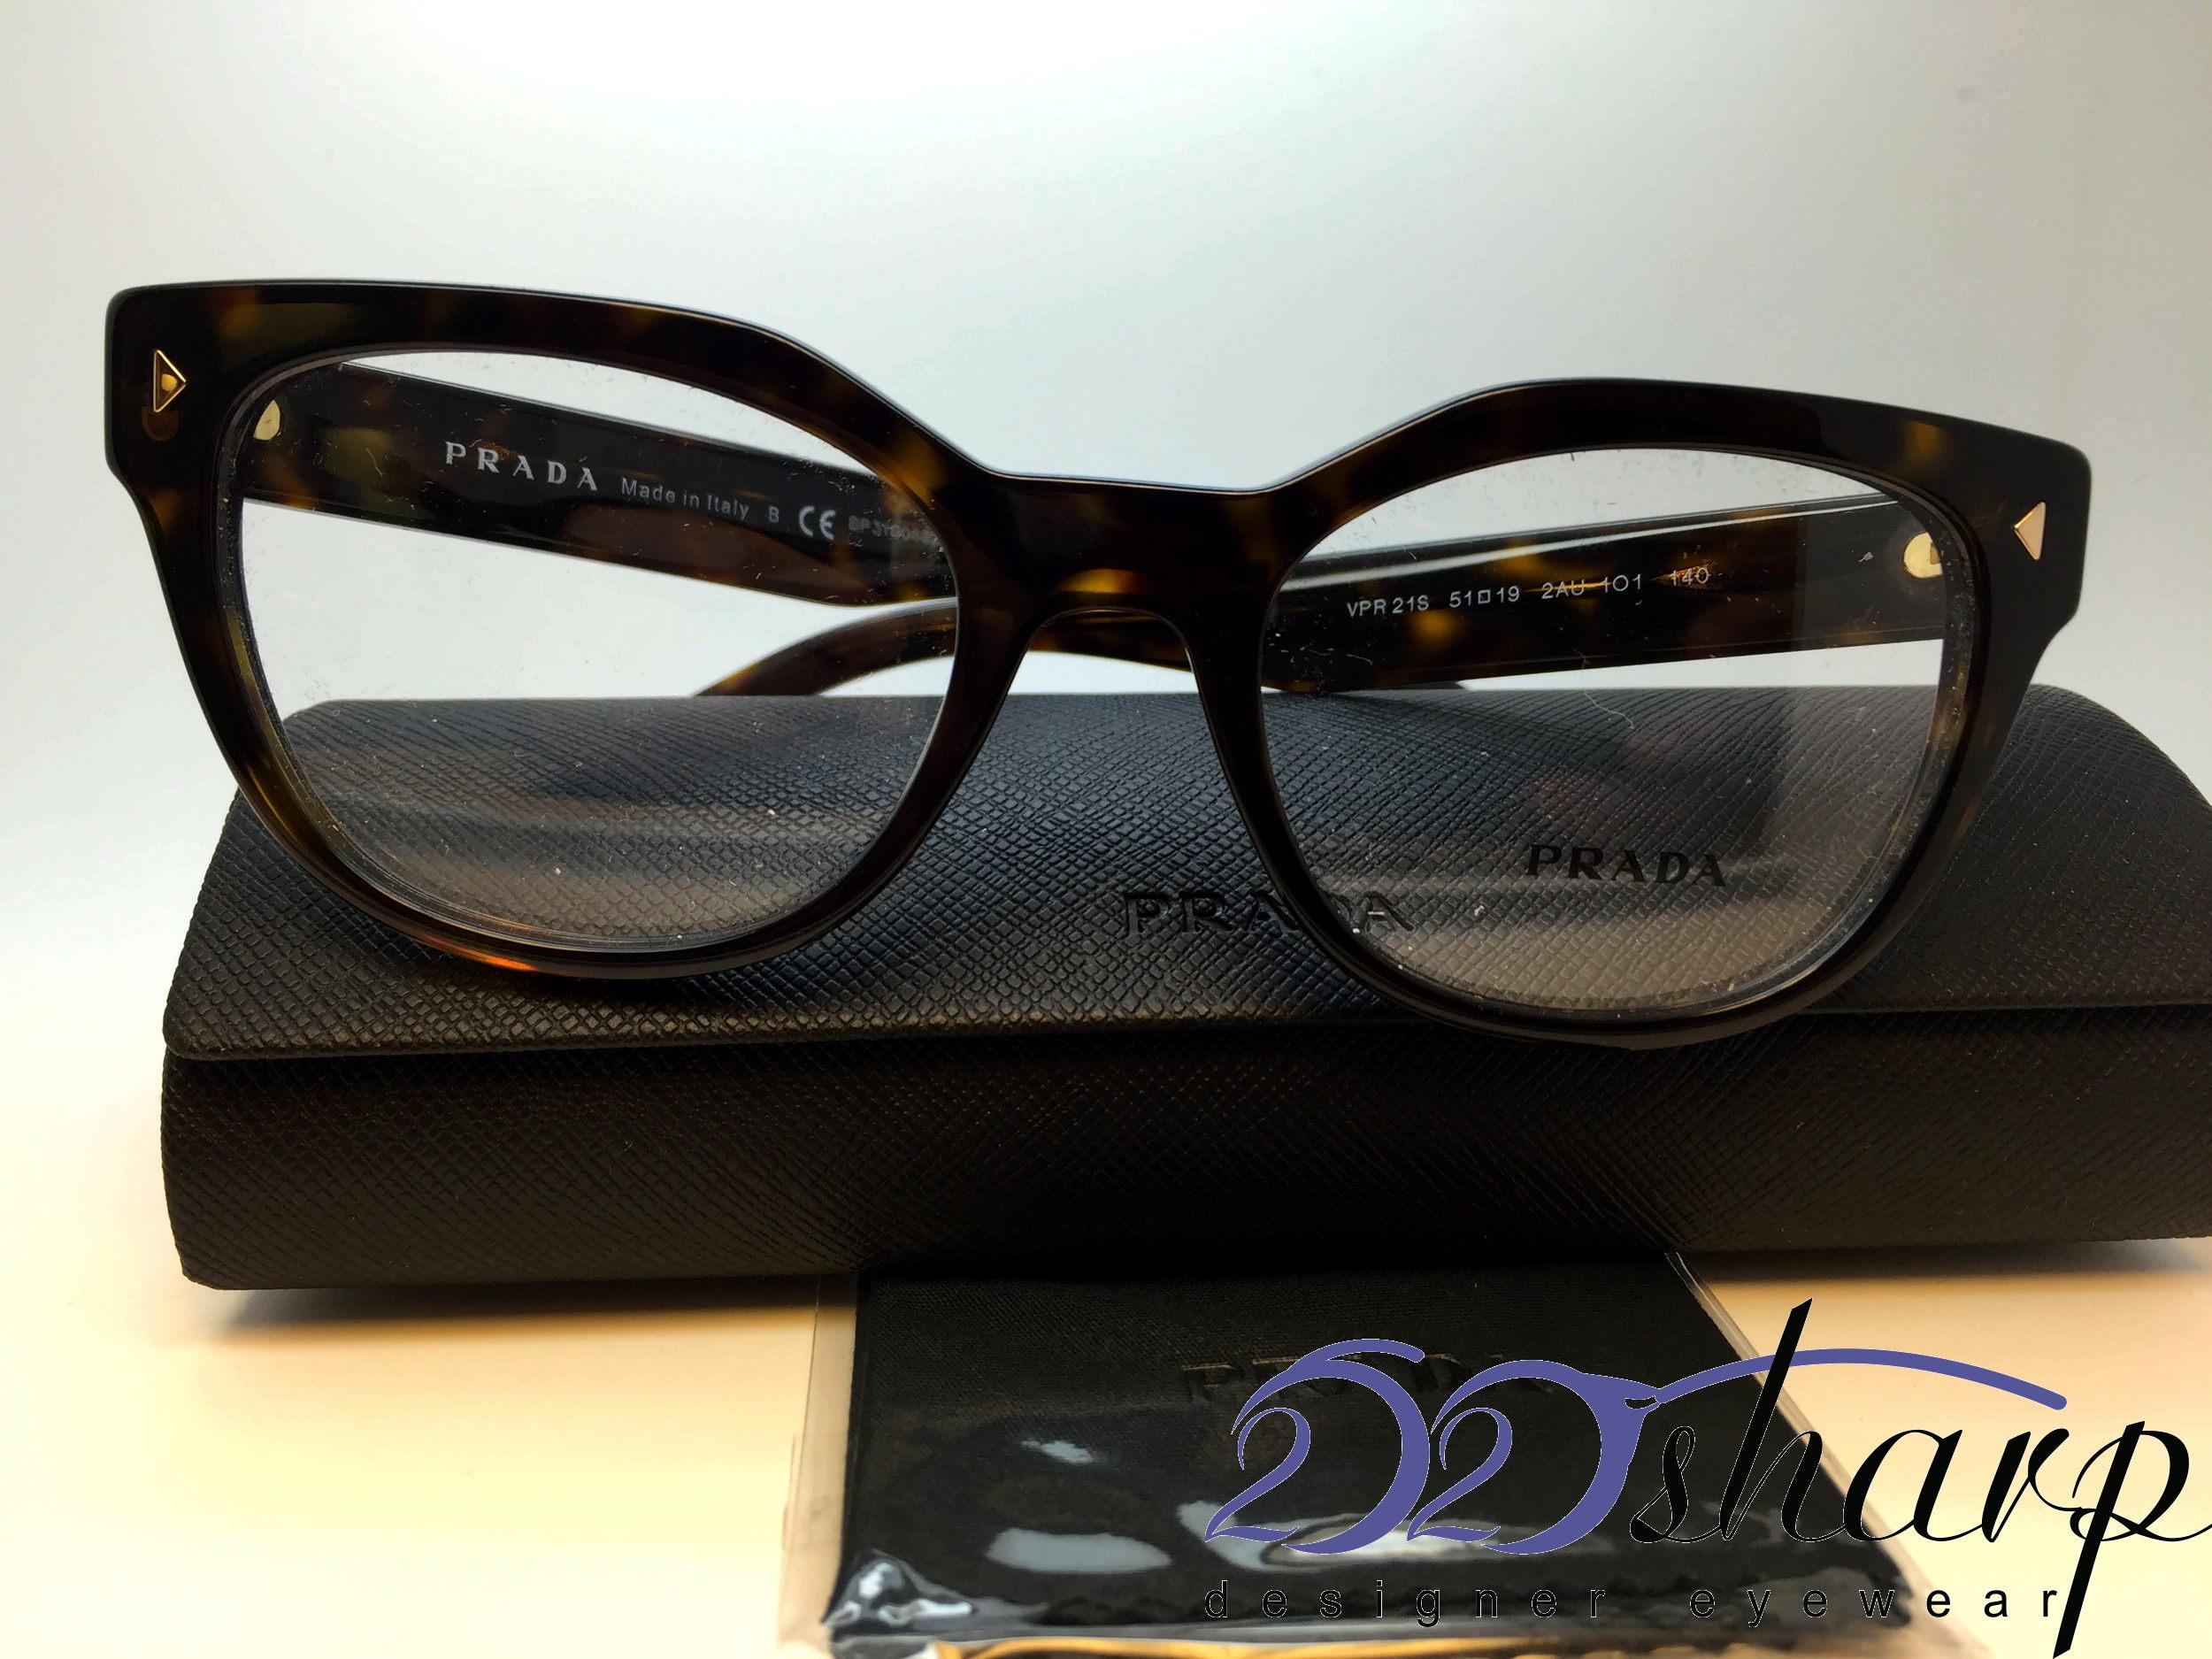 cf3980d29be1 Image is loading PRADA-Eyeglasses-VPR-21S-2AU-1O1-Havana